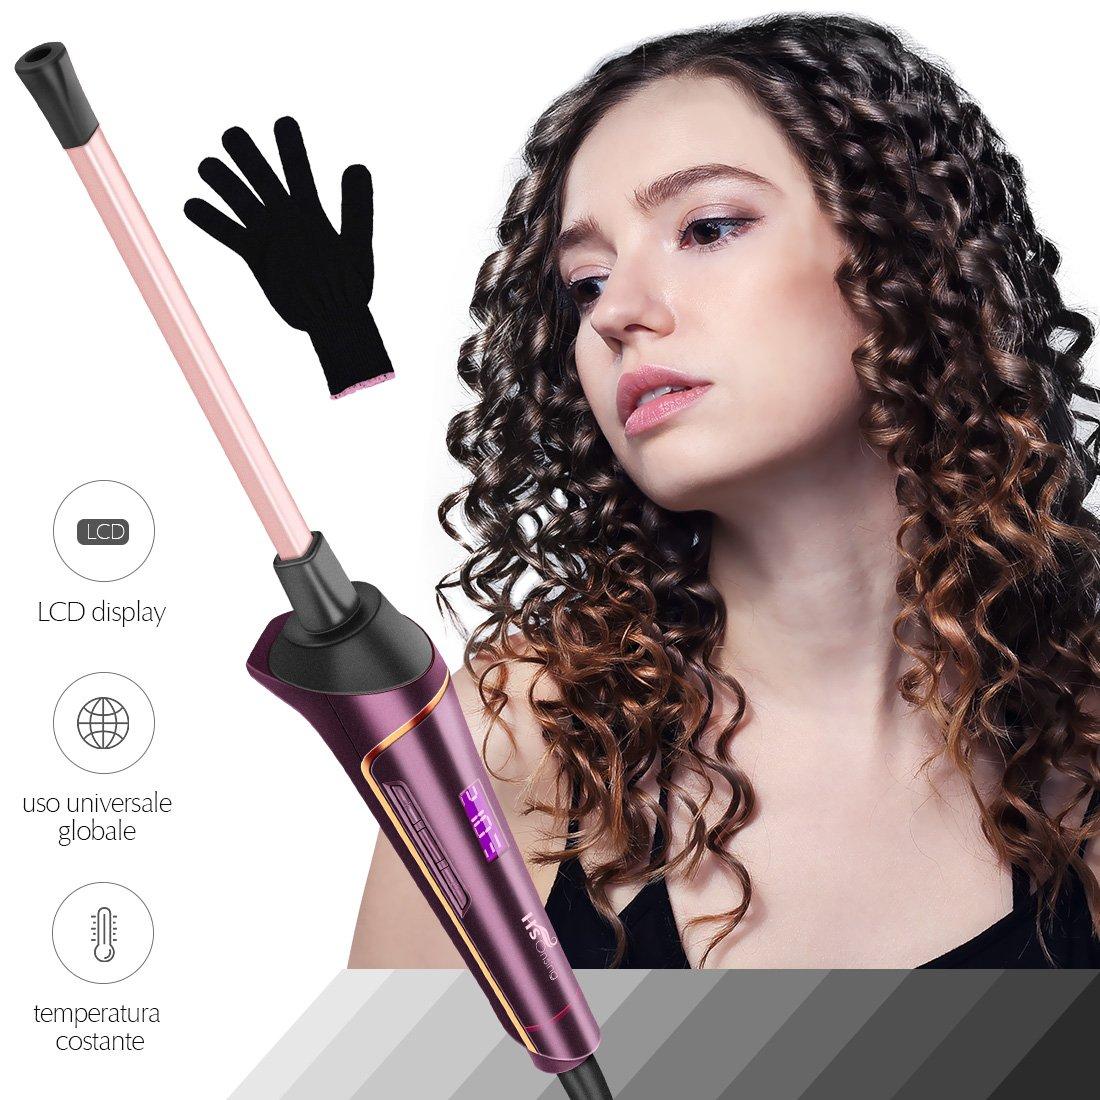 Rizador de Pelo, HS Onsing Tenacilla de pelo Rizador profesional Rizadora 9mm de cerámica para el pelo Sin tenacilla pantalla LCD recubrimiento ...